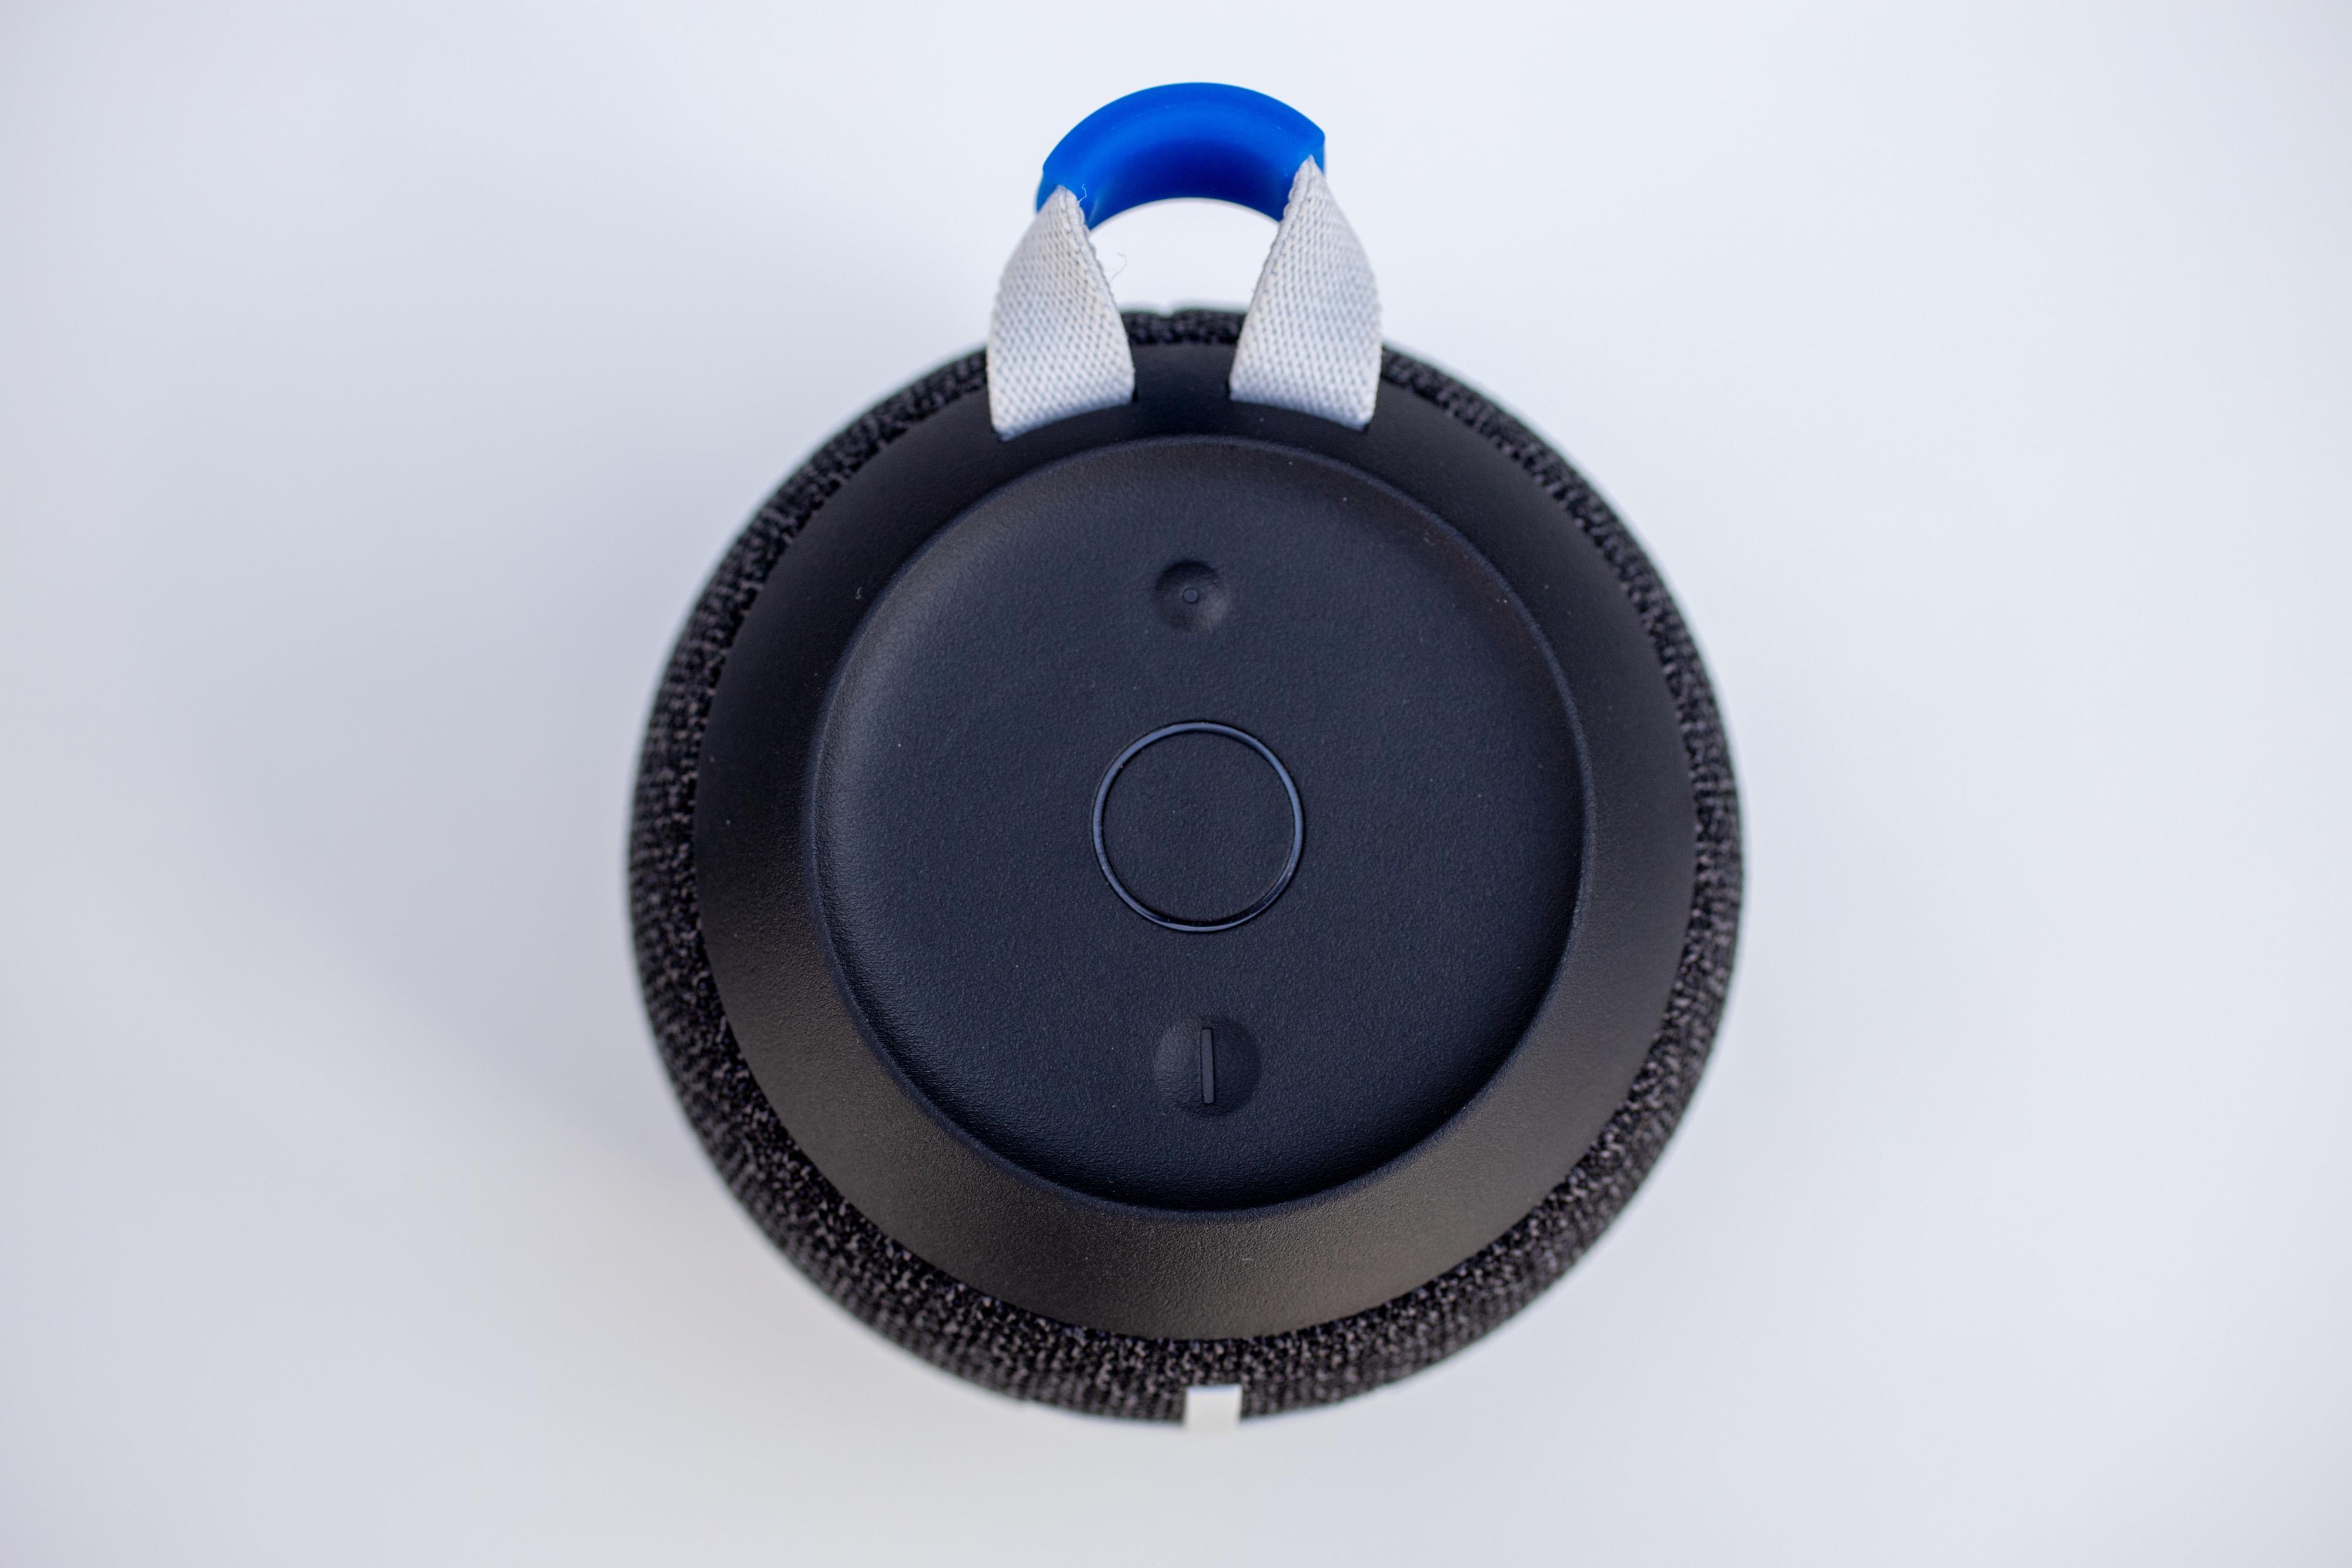 Øverste knapp bruker du for å pare høyttaleren til mobilen din, den midterste styrer du avspillingen med (og parer den med andre Wonderboomer), mens den nederste er av/på-knappen.